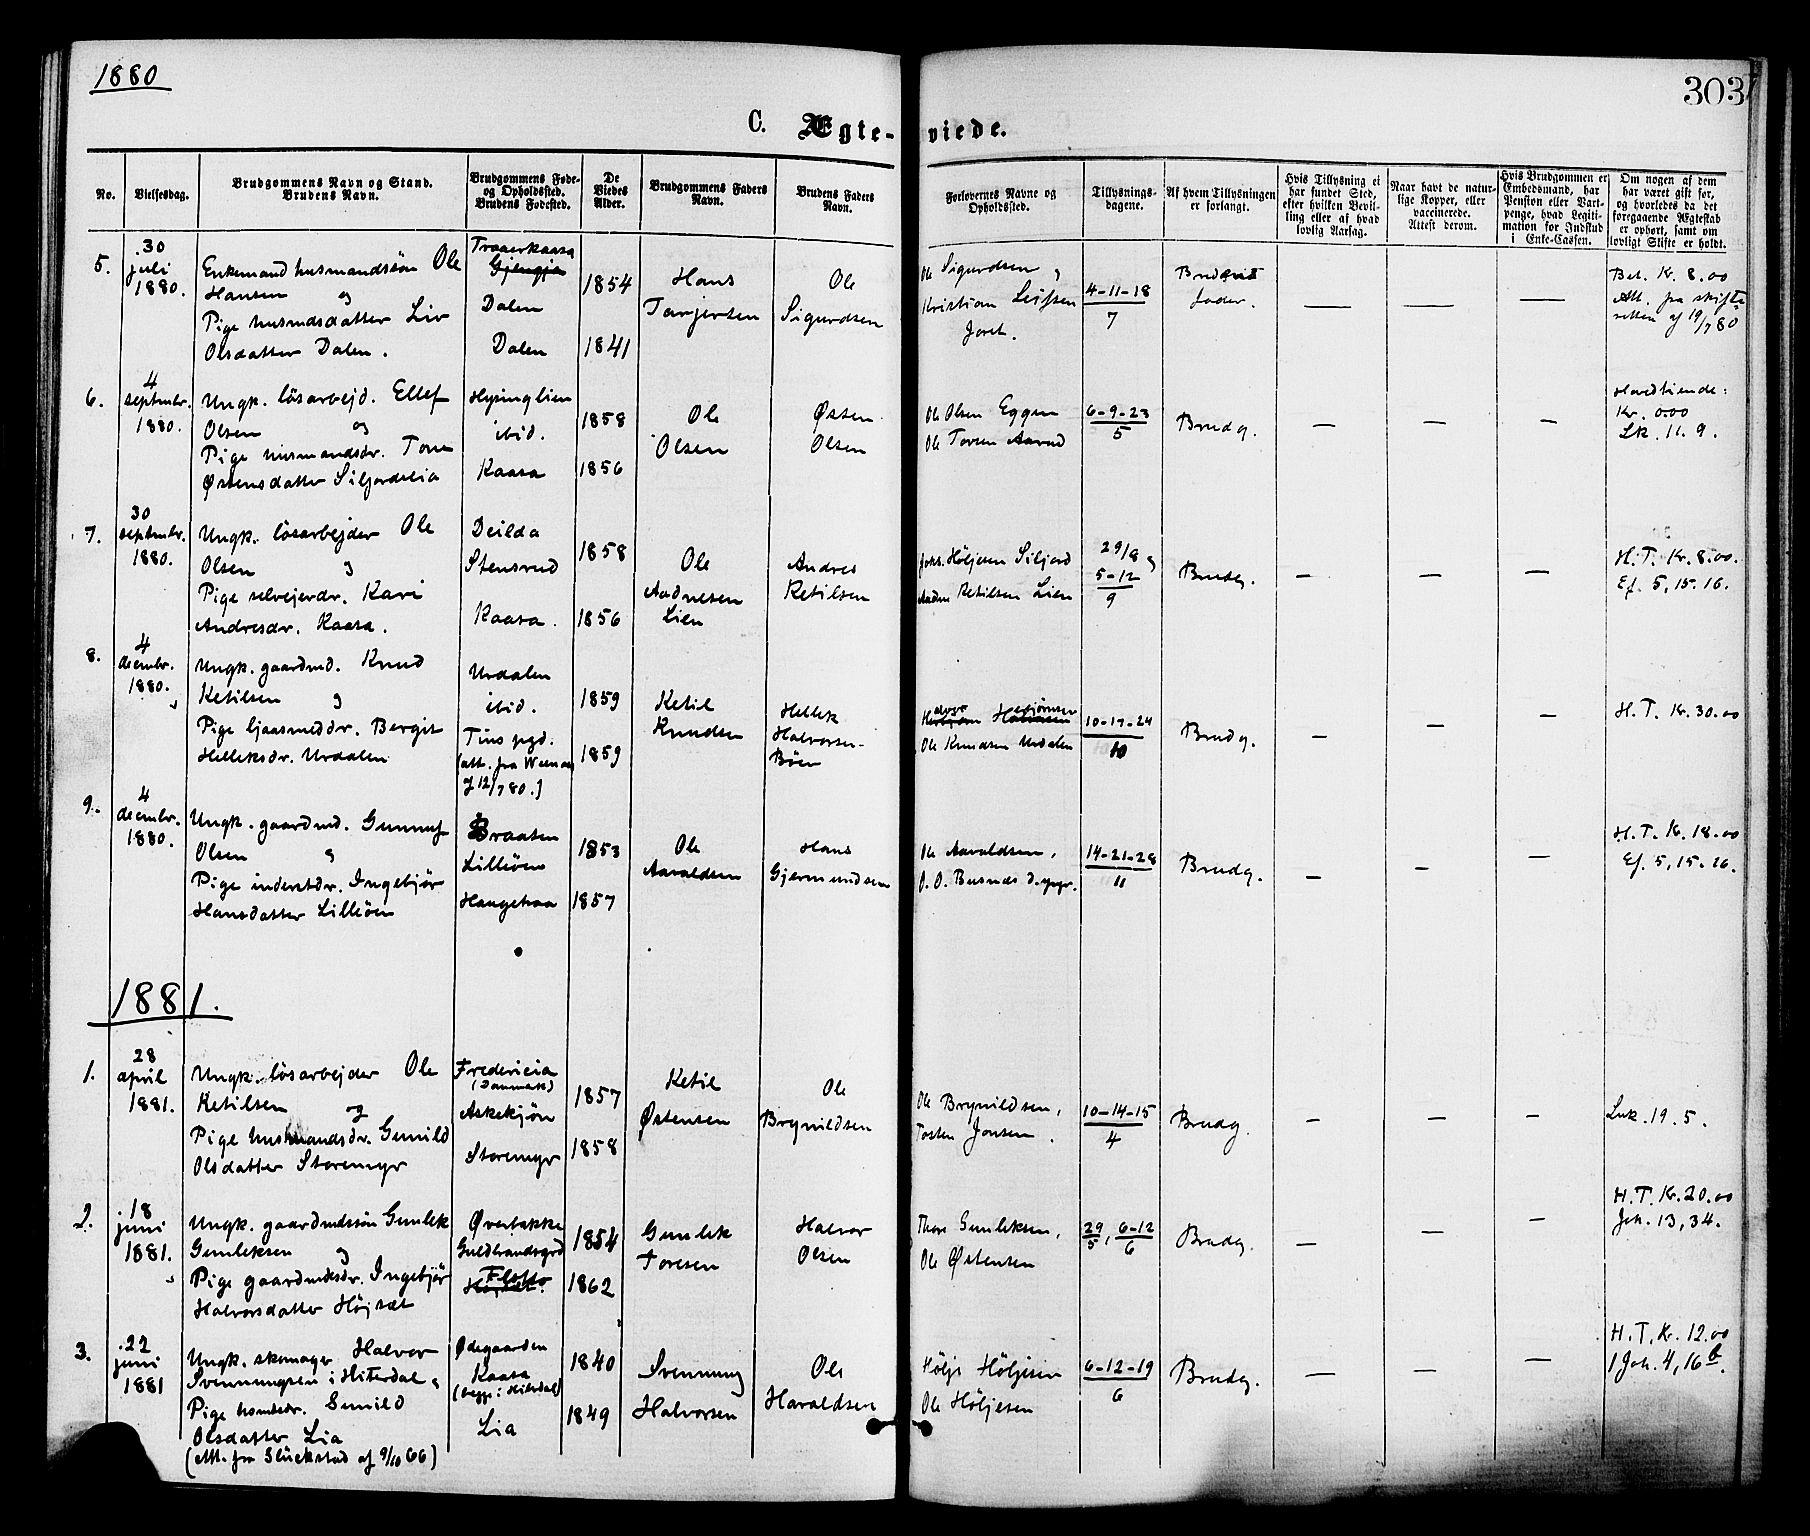 SAKO, Gransherad kirkebøker, F/Fa/L0004: Ministerialbok nr. I 4, 1871-1886, s. 303